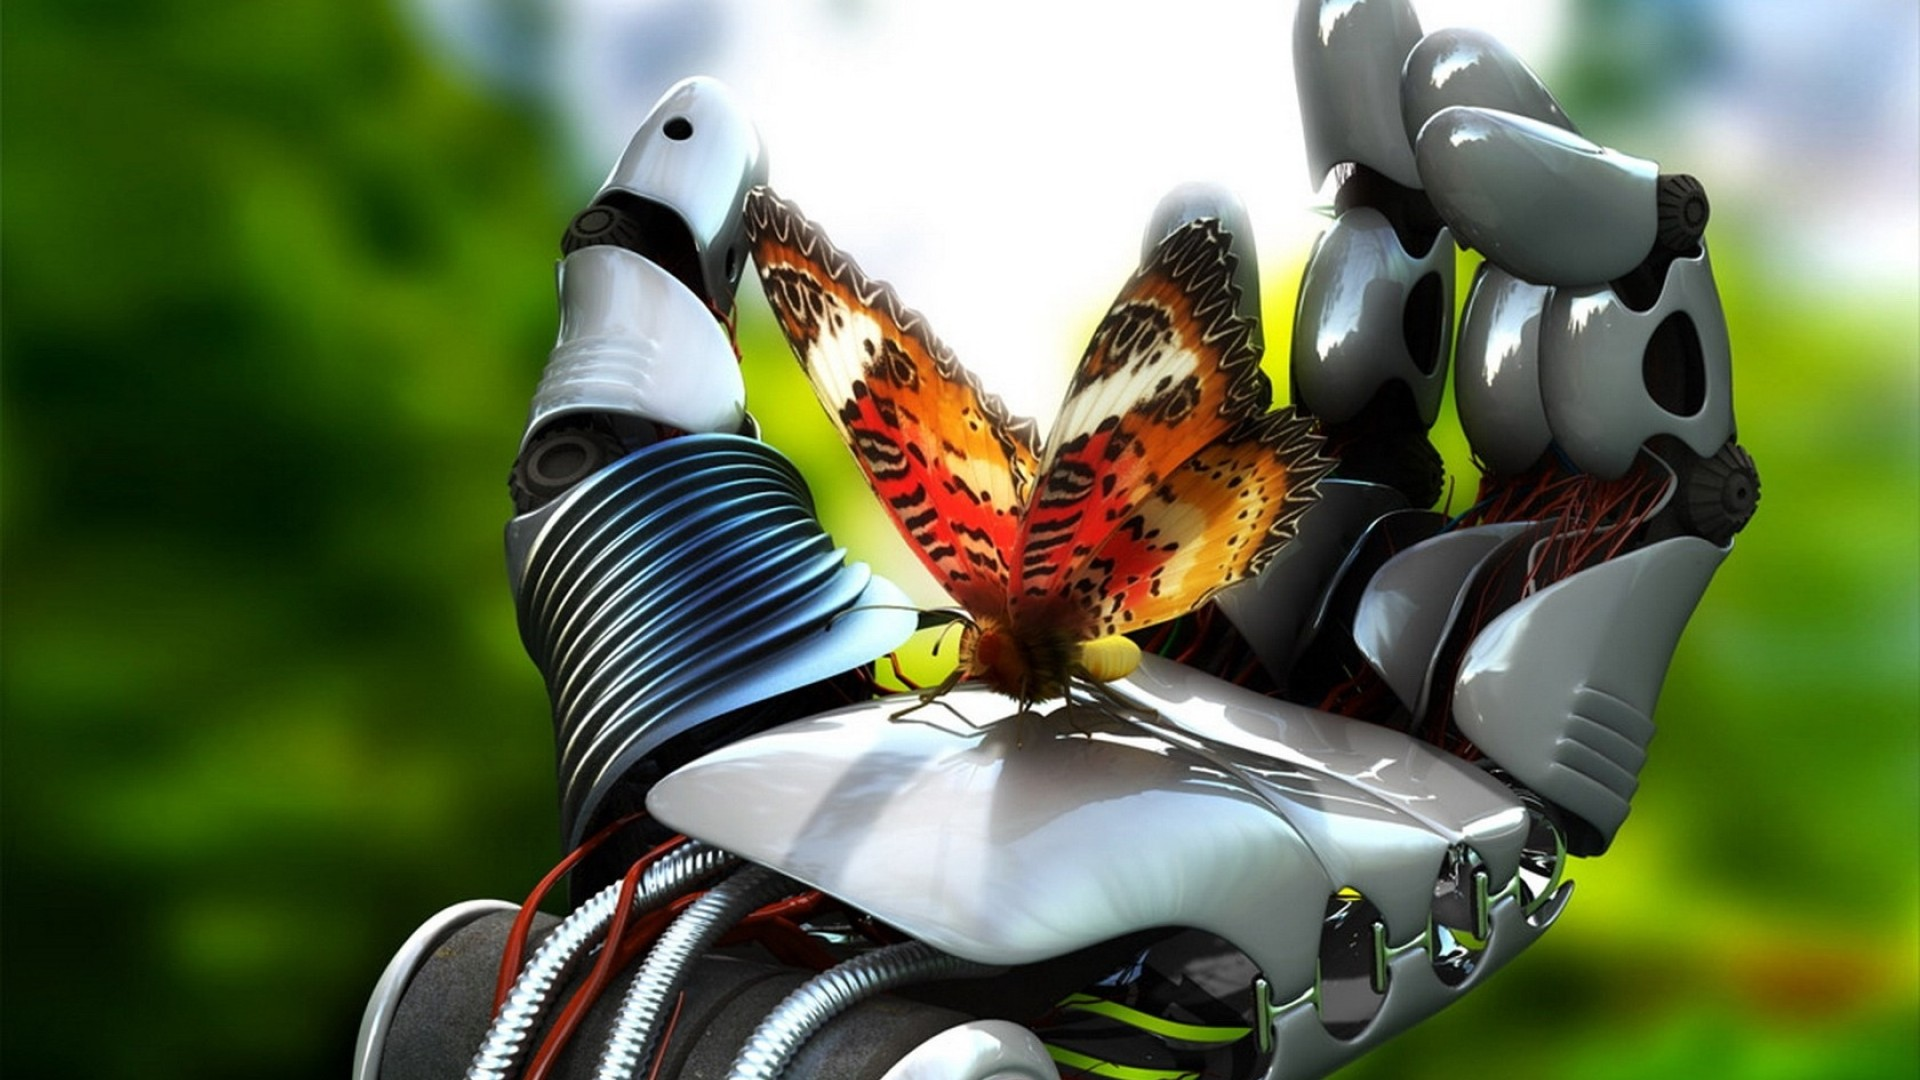 I Robot Wallpaper Hd